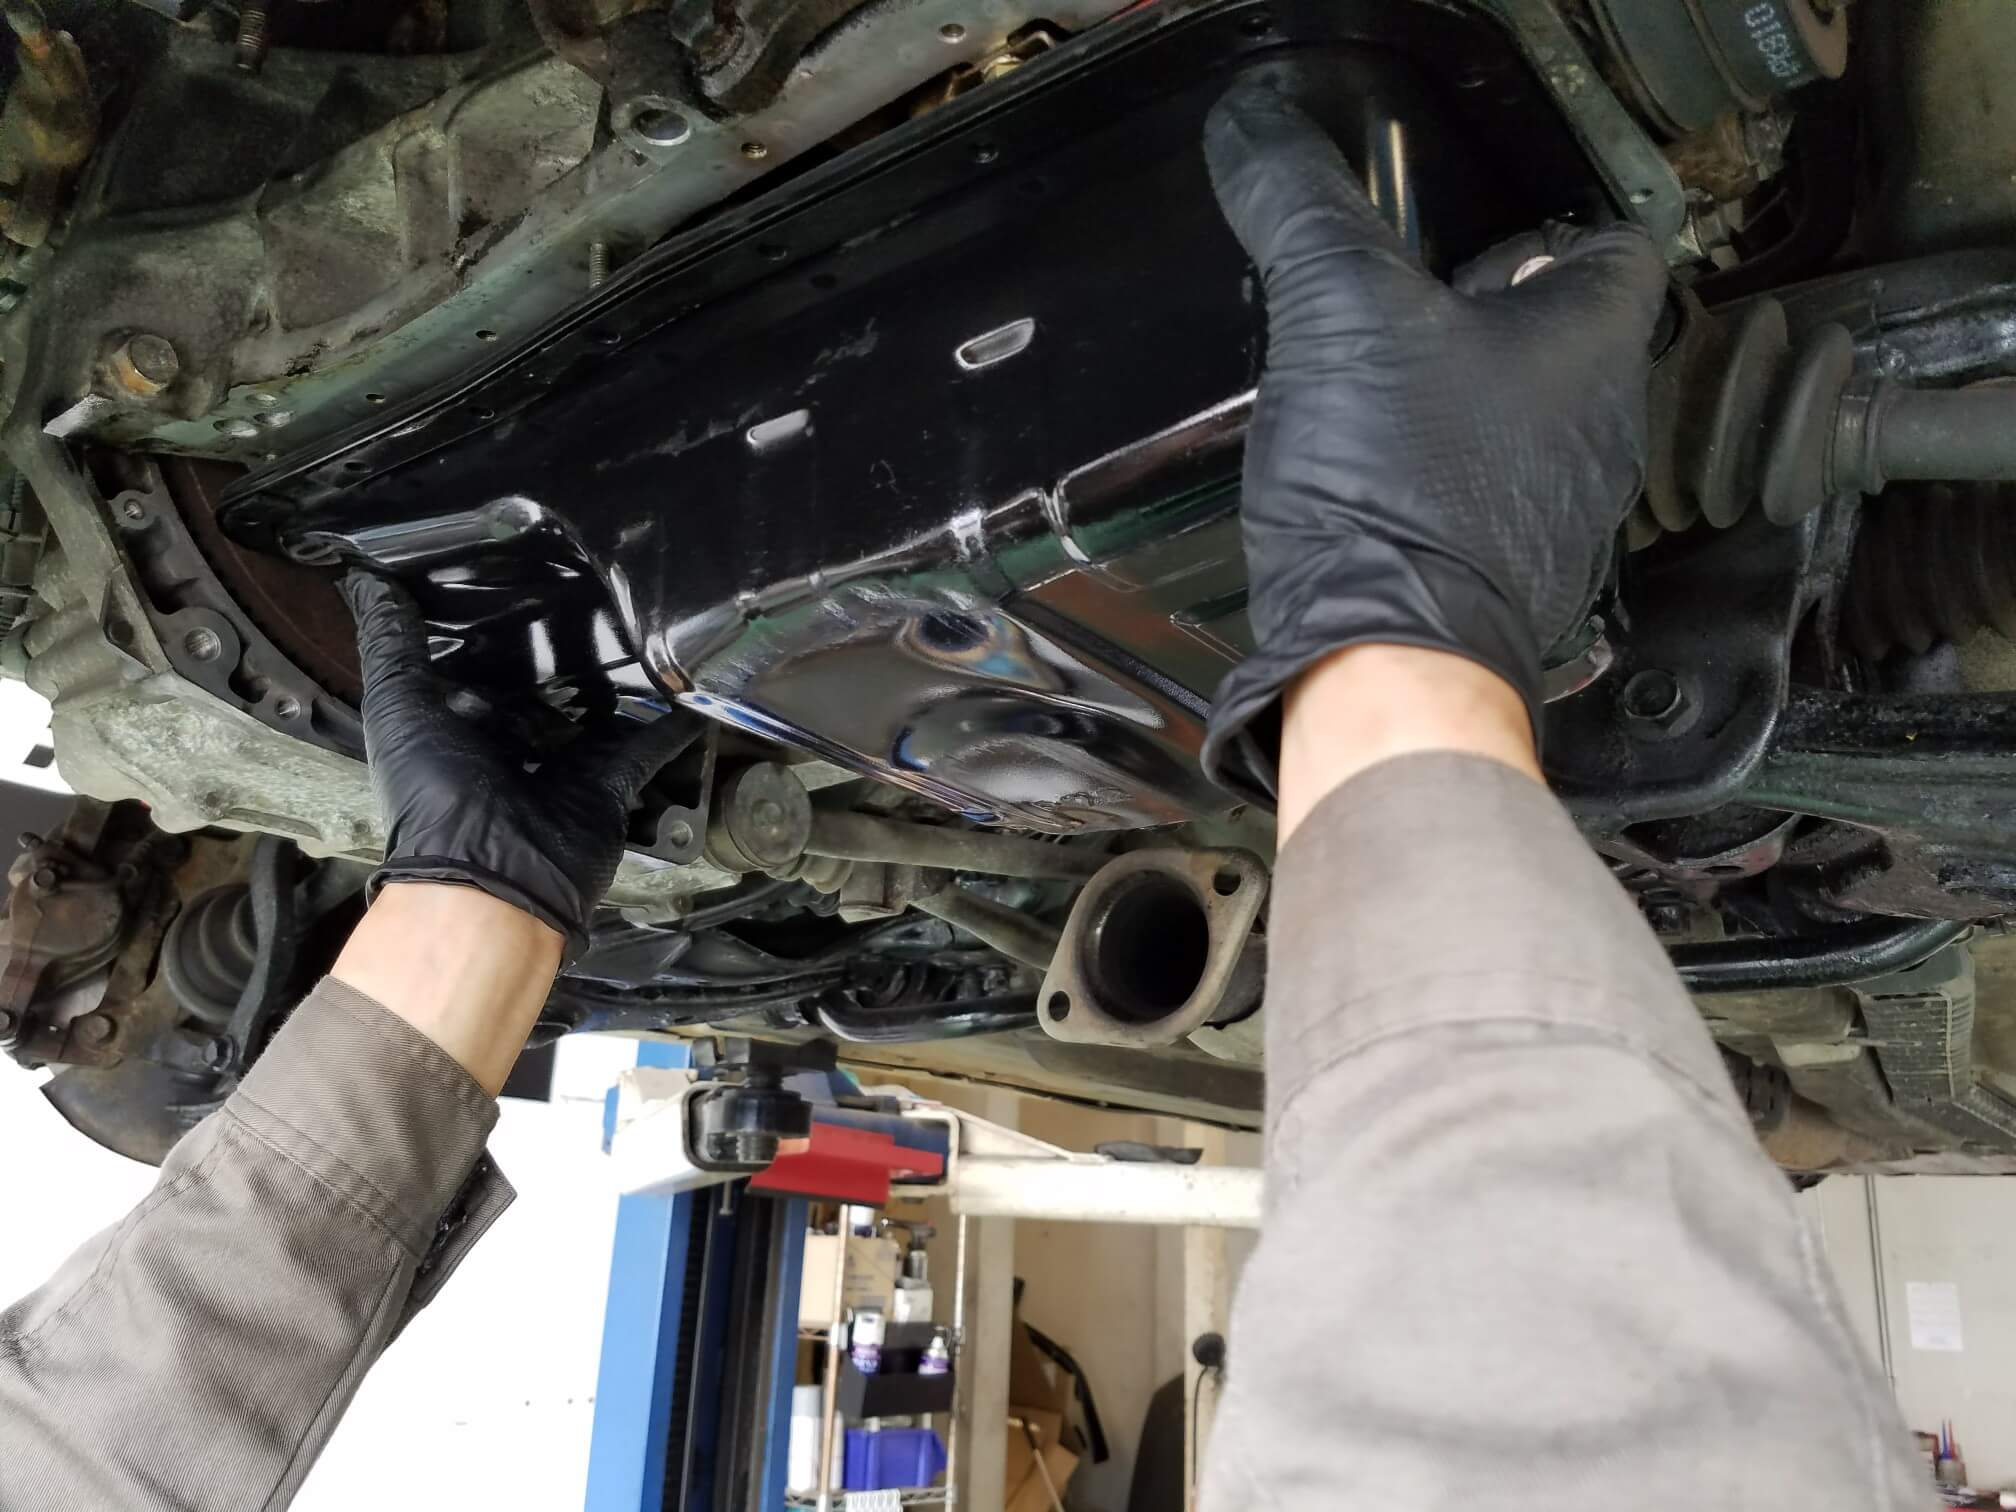 シビックタイプR(EK9)エンジンオイルパンパッキン交換画像